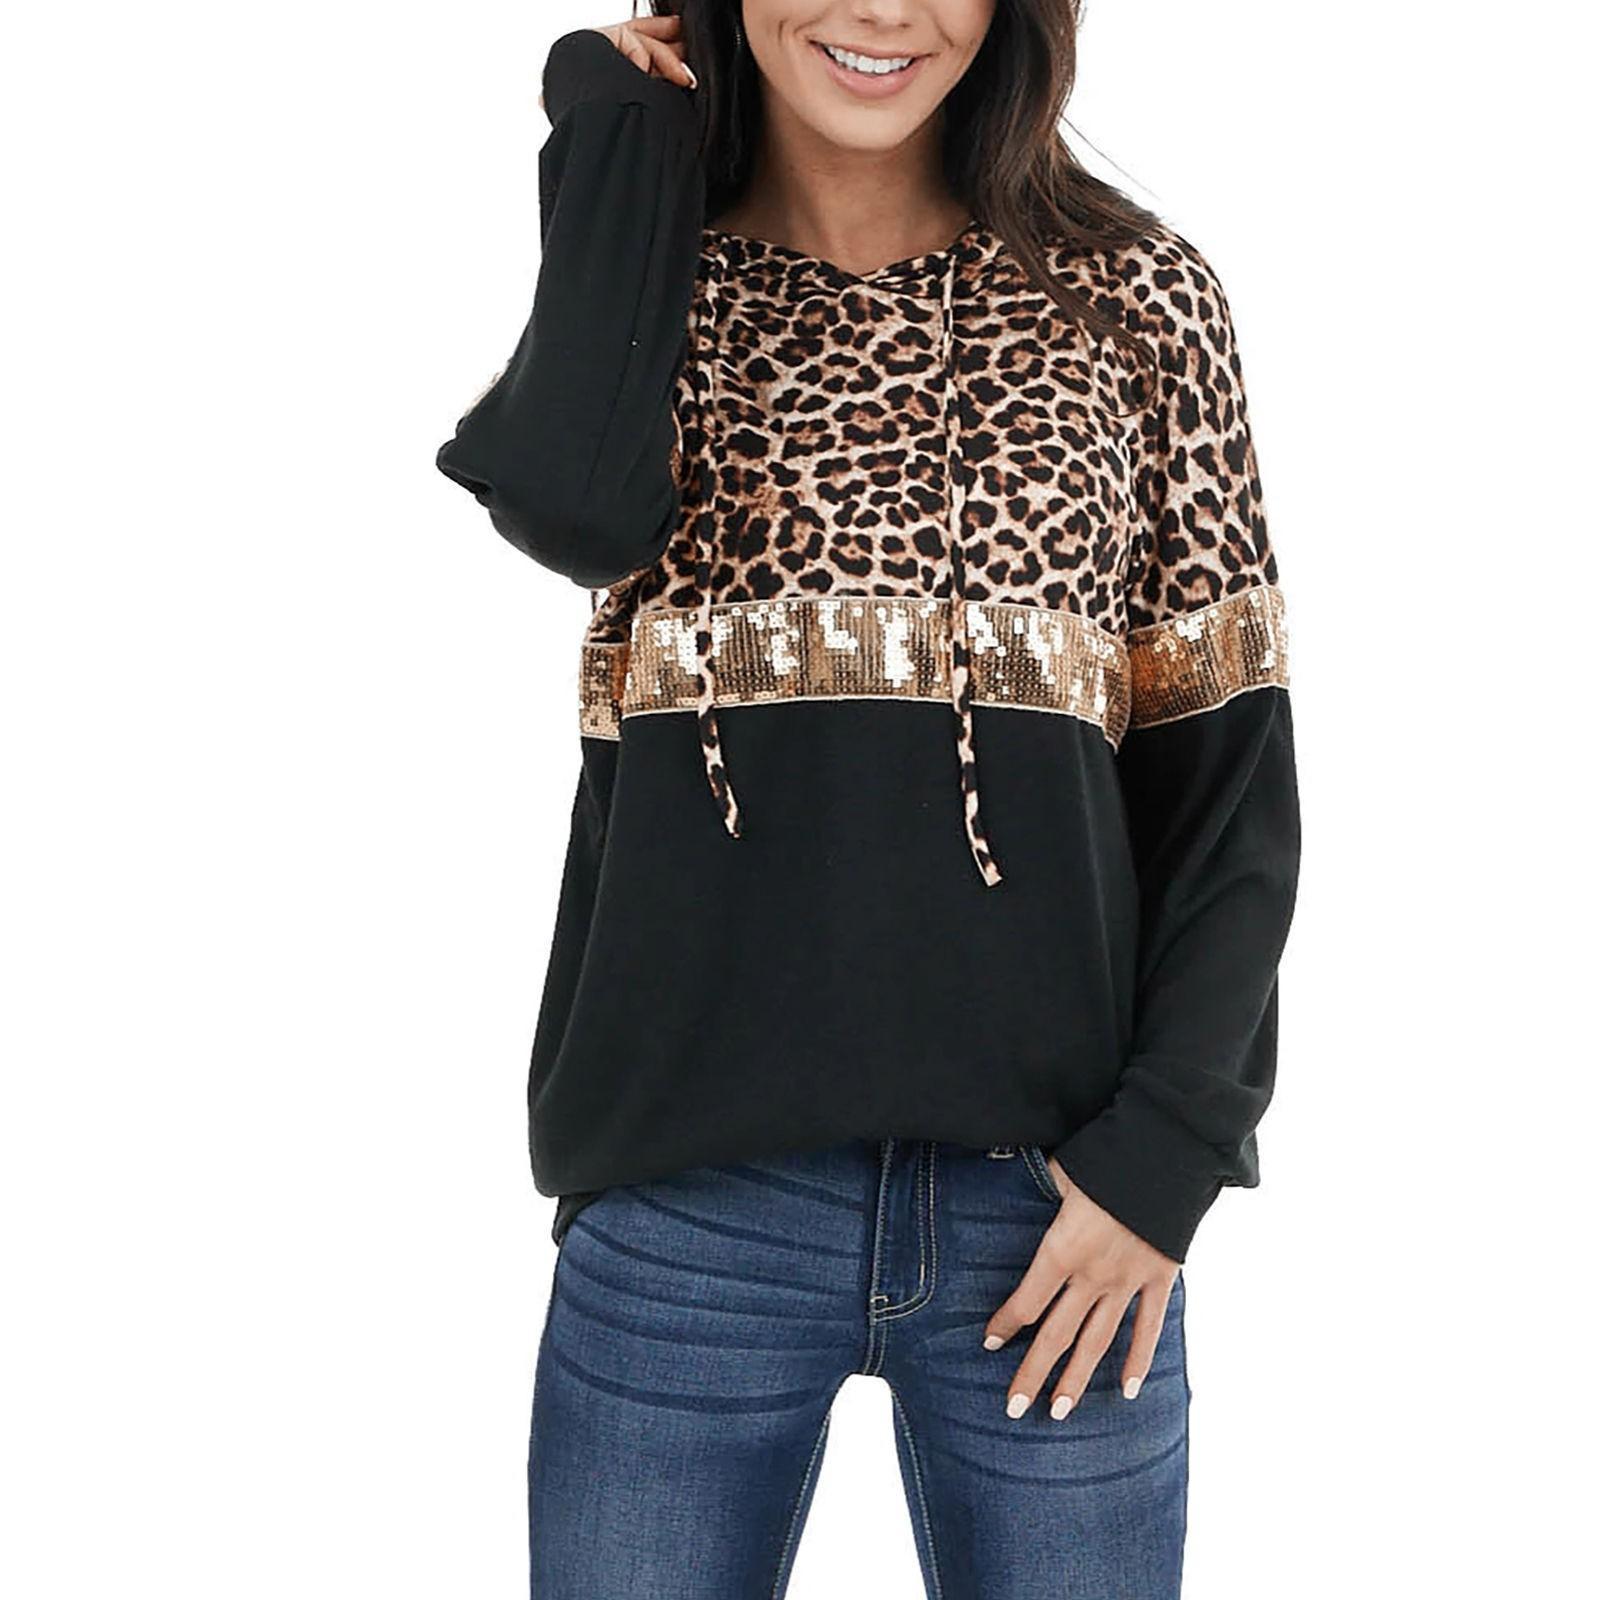 Leopard Parted Hoodie Tops Женские повседневные с длинными рукавами V-образным вырезом Шищеные толстовки Женщины Vintage Sudadera Mujer Invierno Q0116